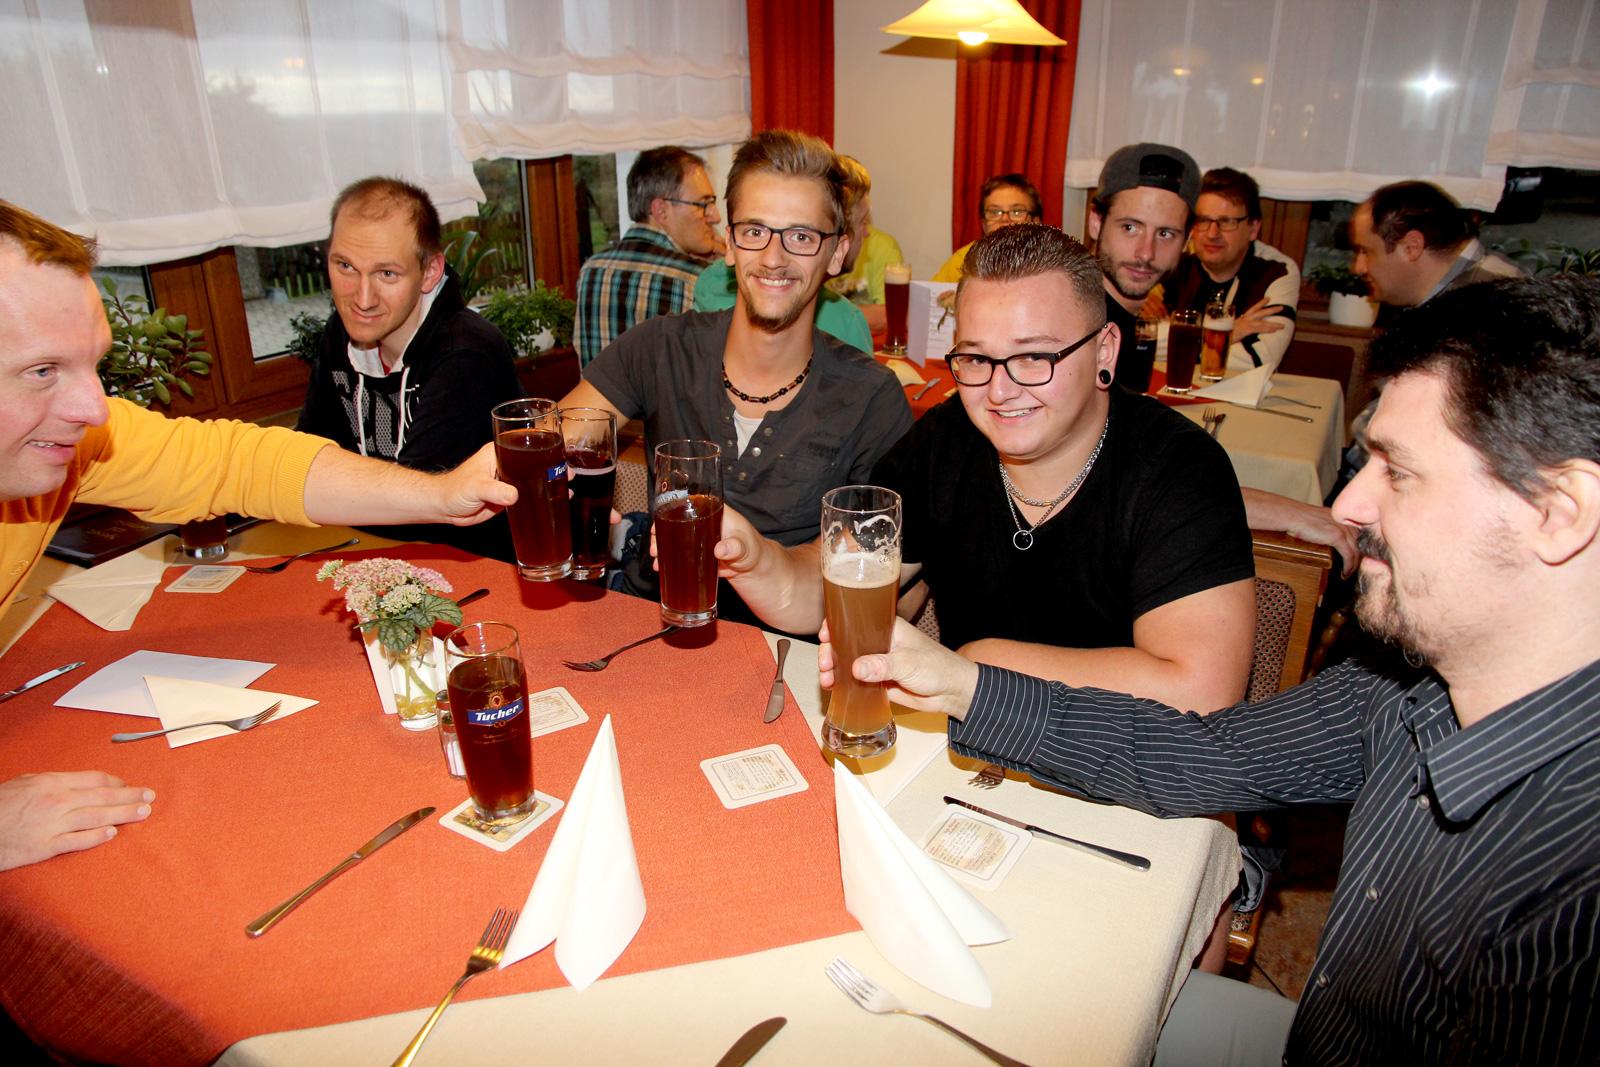 Einmal im Monat treffen sich die Bewohner zum Männerstammtisch: Der FAKS-Student (Mitte) unterstützt die Lebenshilfe-Mitarbeiter Daniel Schnaubelt (rechts) und Lukas Mundt (Tisch, hinten).